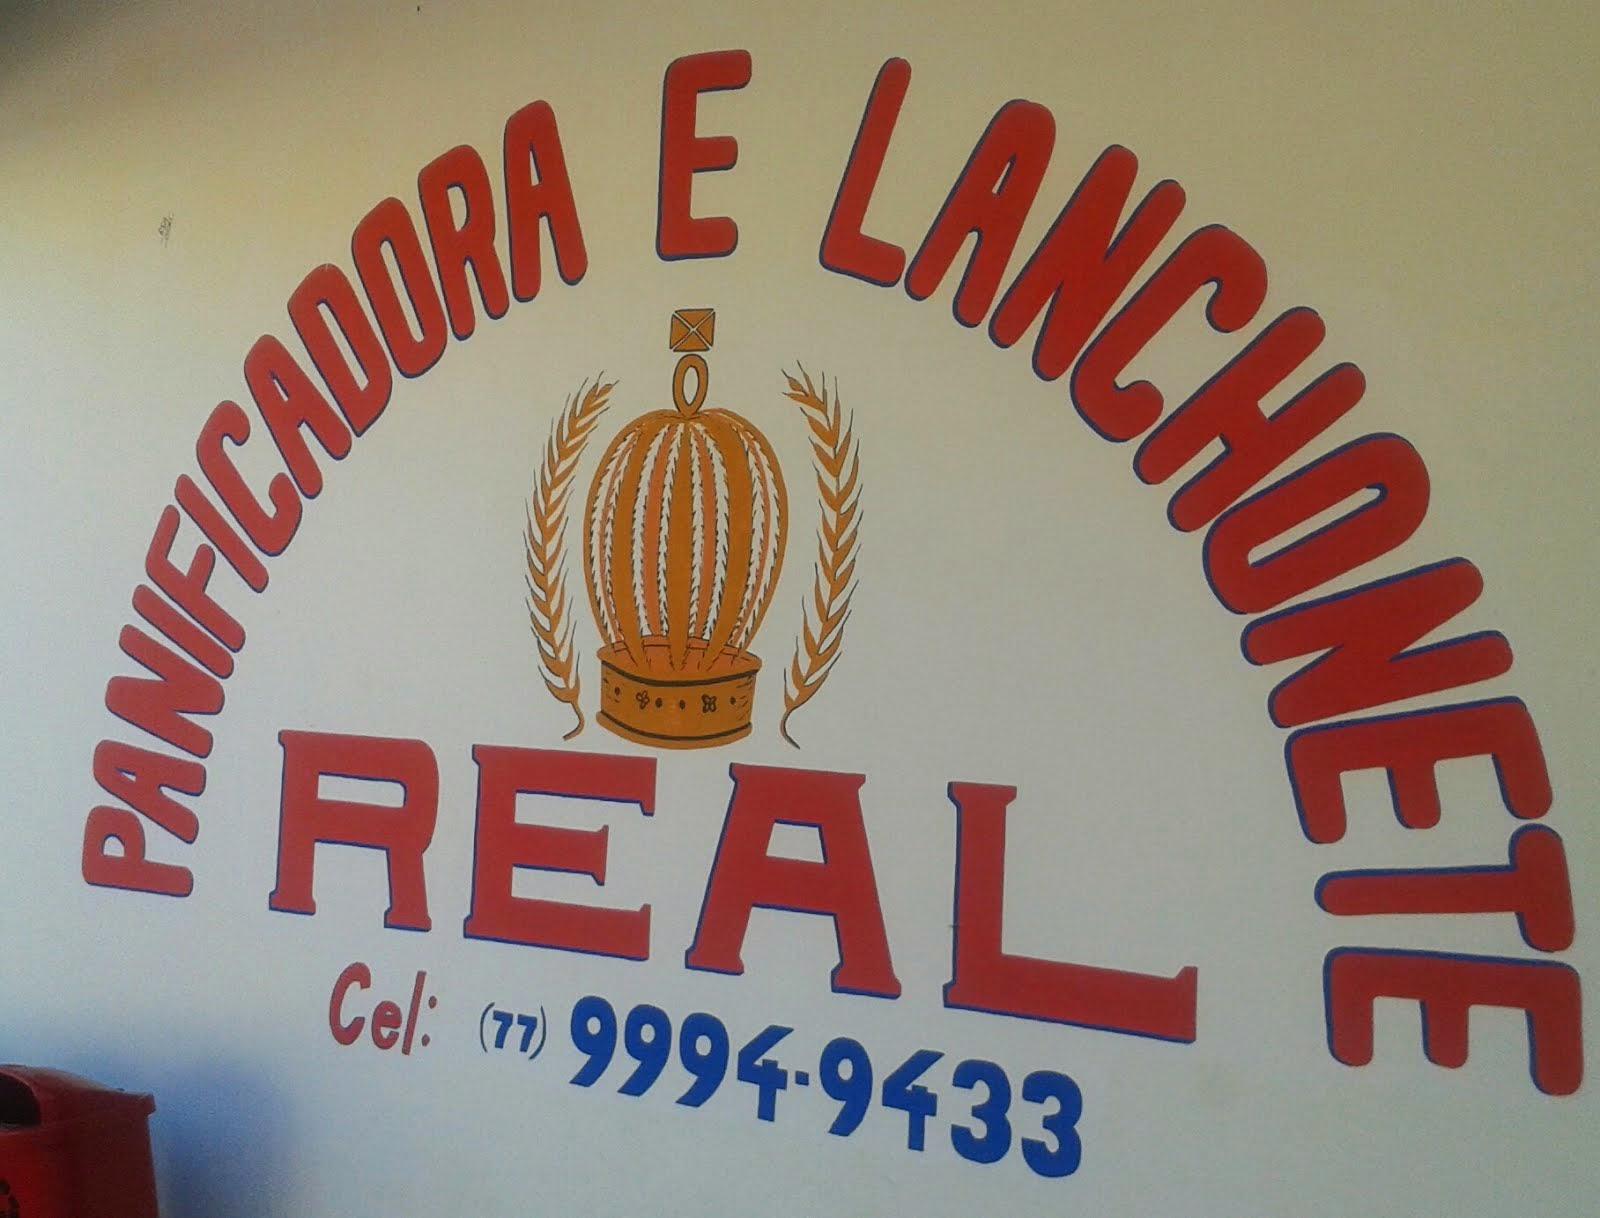 Panificadora e Lanchonete Real